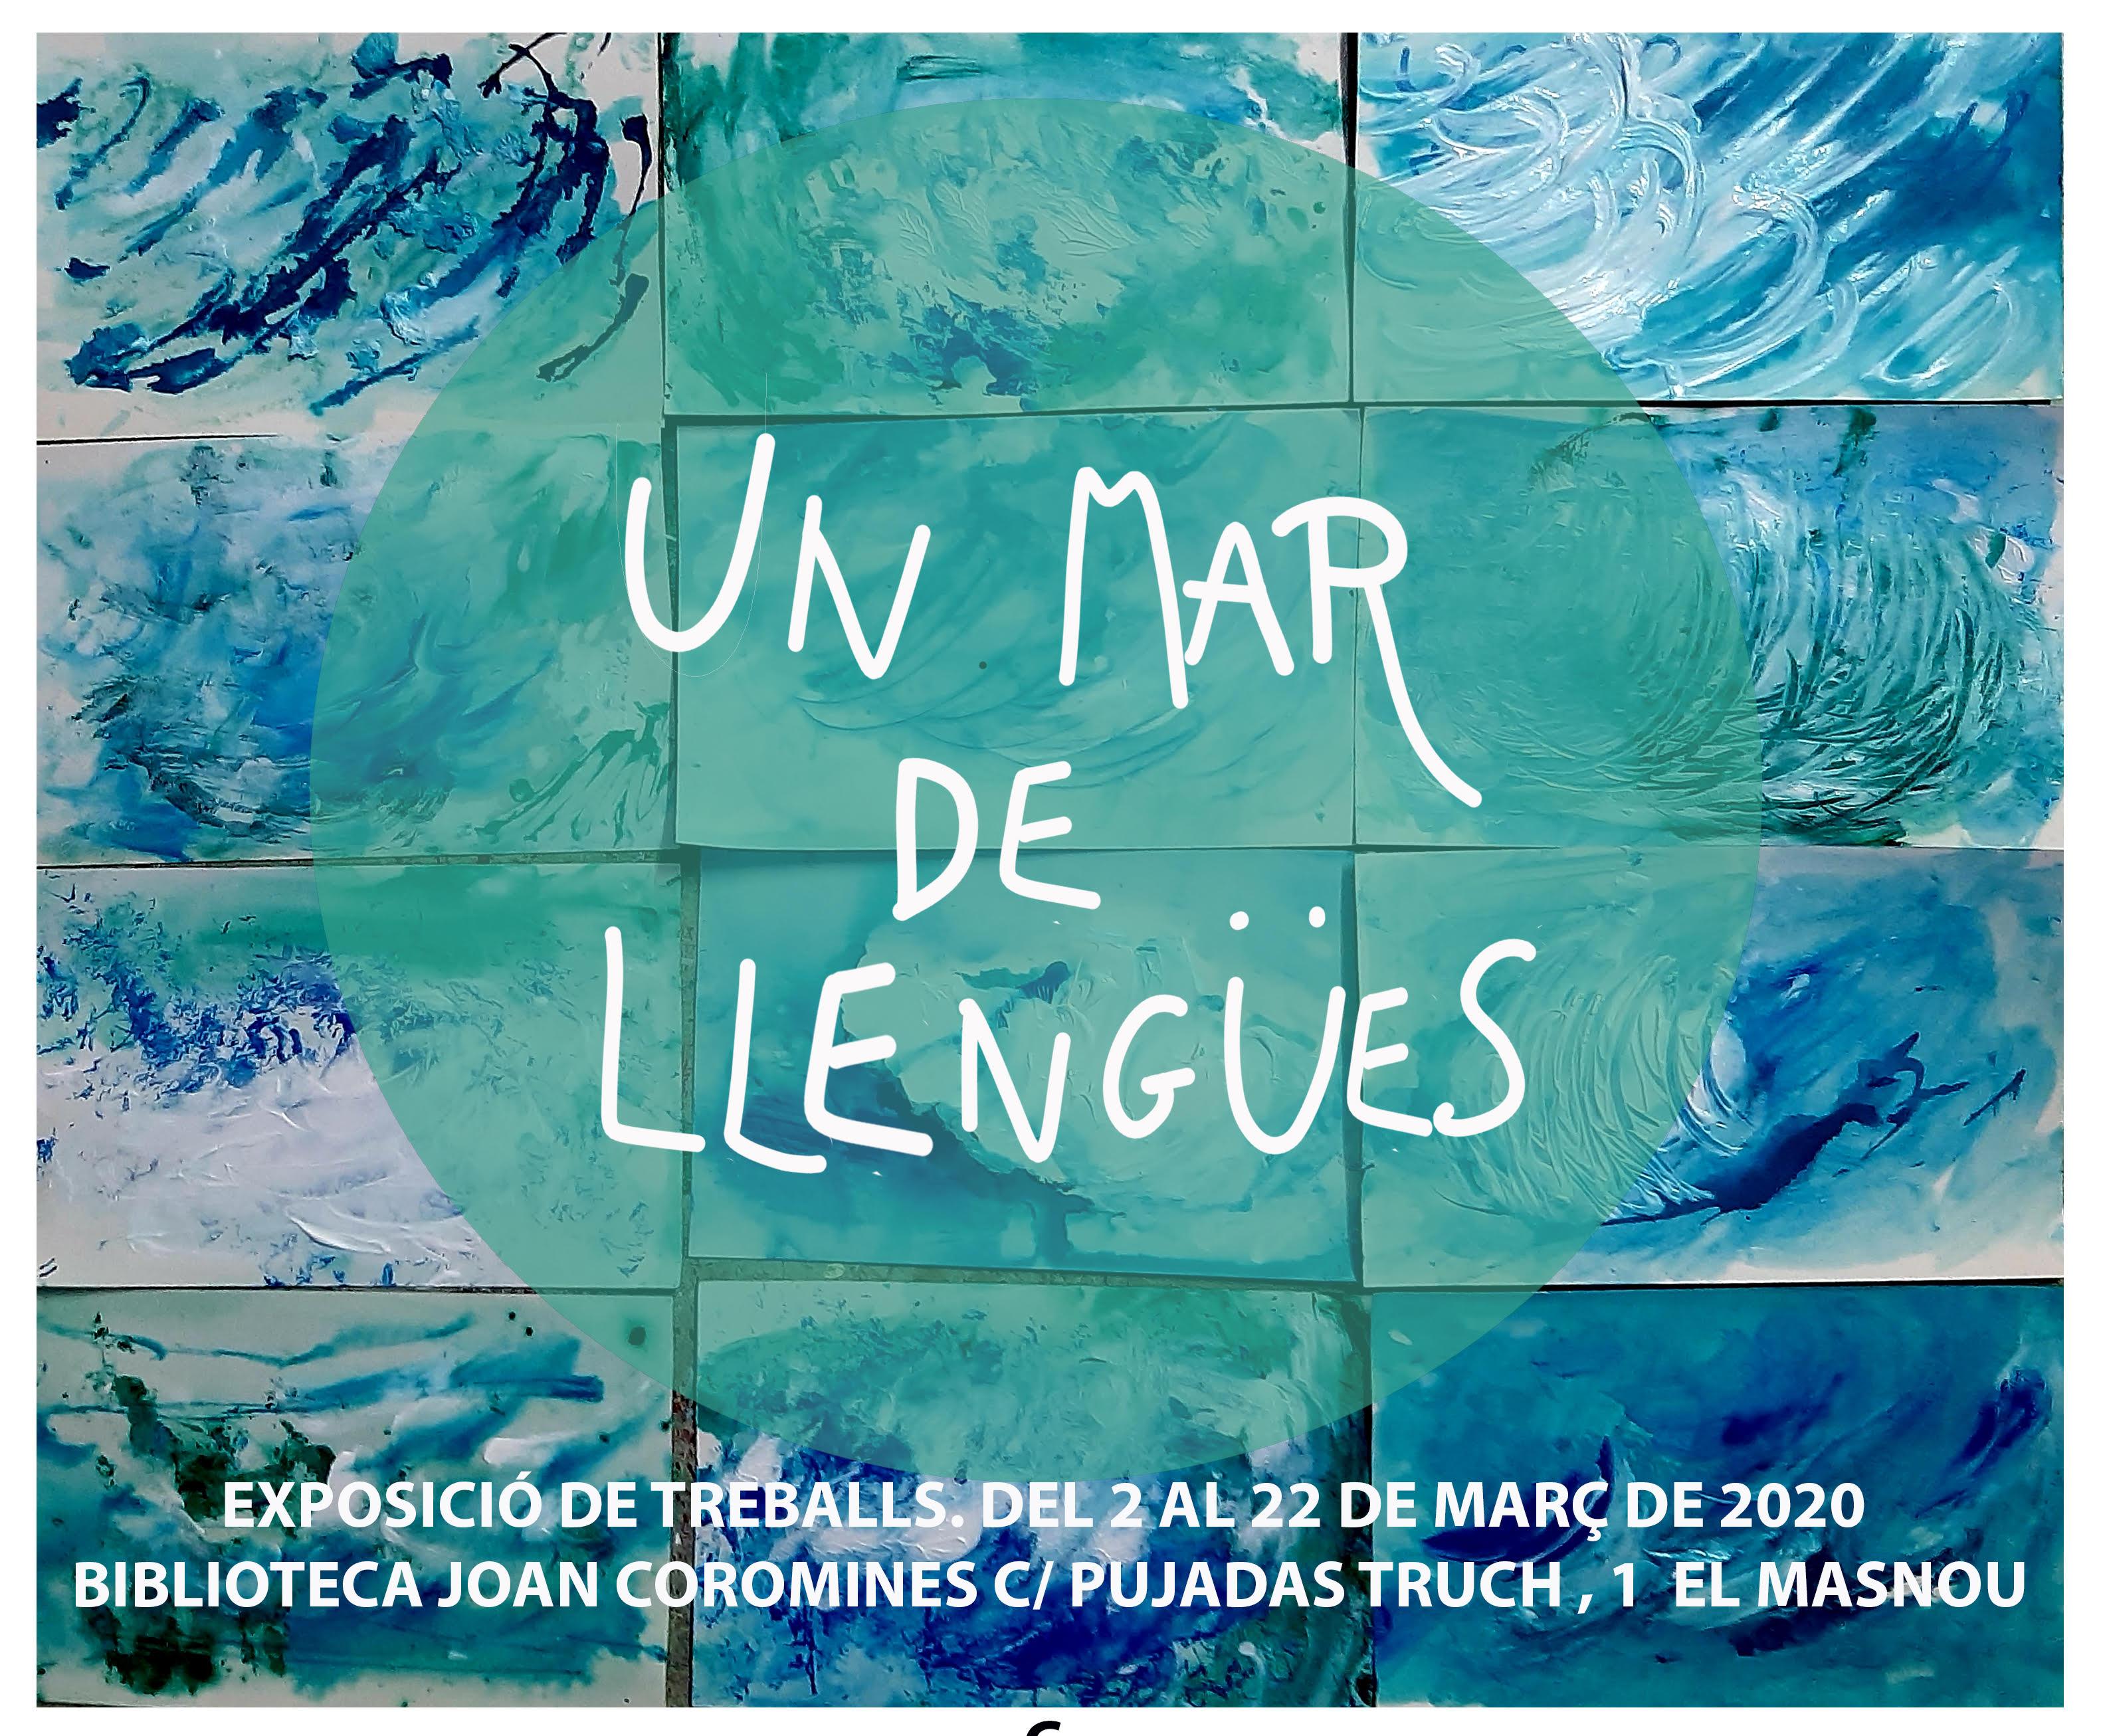 """Cartell del projecte UNESCO-El Masnou """"Un mar de llengües""""/Cartel del proyecto UNESCO-El Masnou """"Un mar de lenguas"""""""